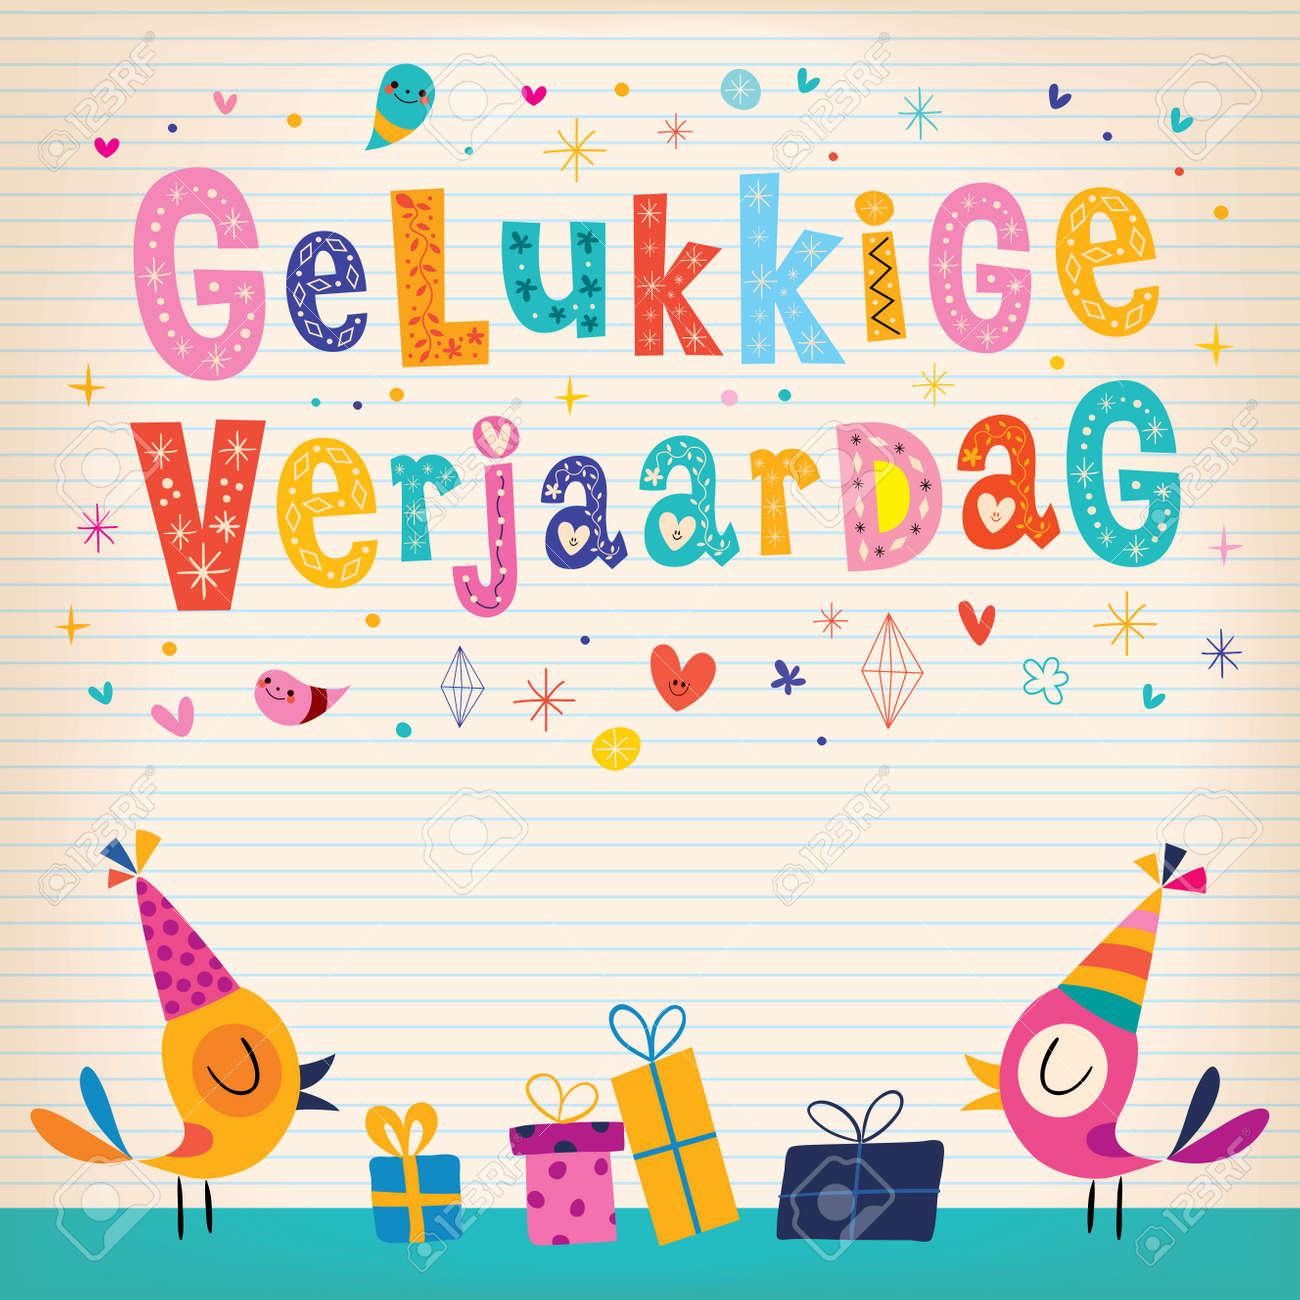 Gelukkige Verjaardag Dutch Happy Birthday Greeting Card With